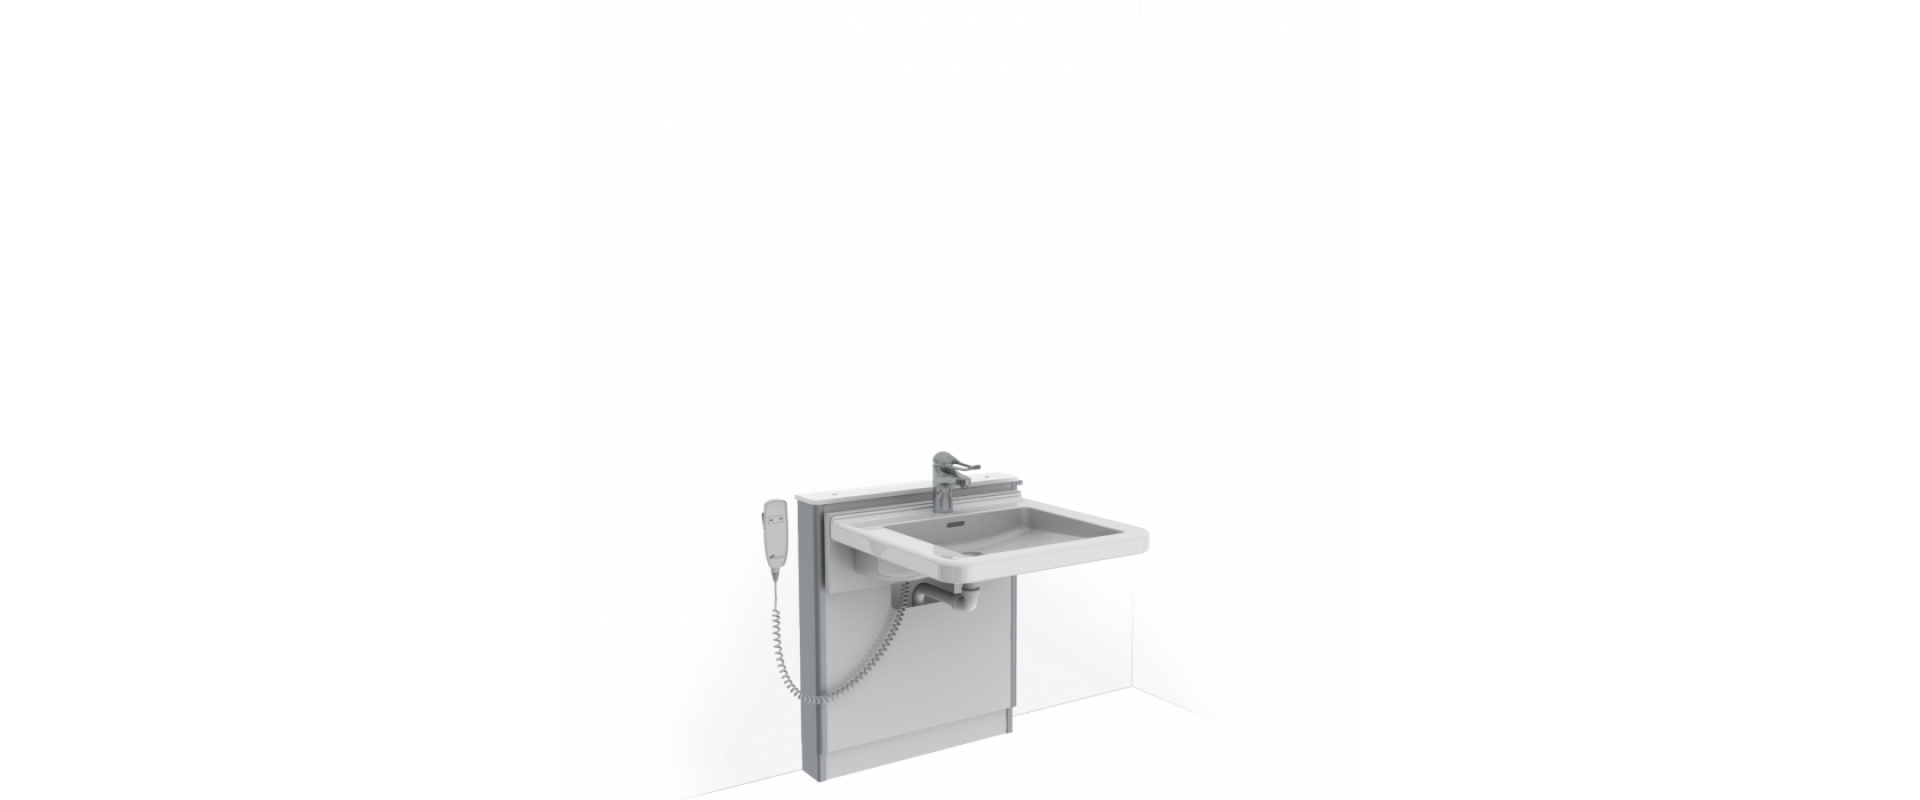 <b>Tvättställsmodul BASICLINE 415-10</b>